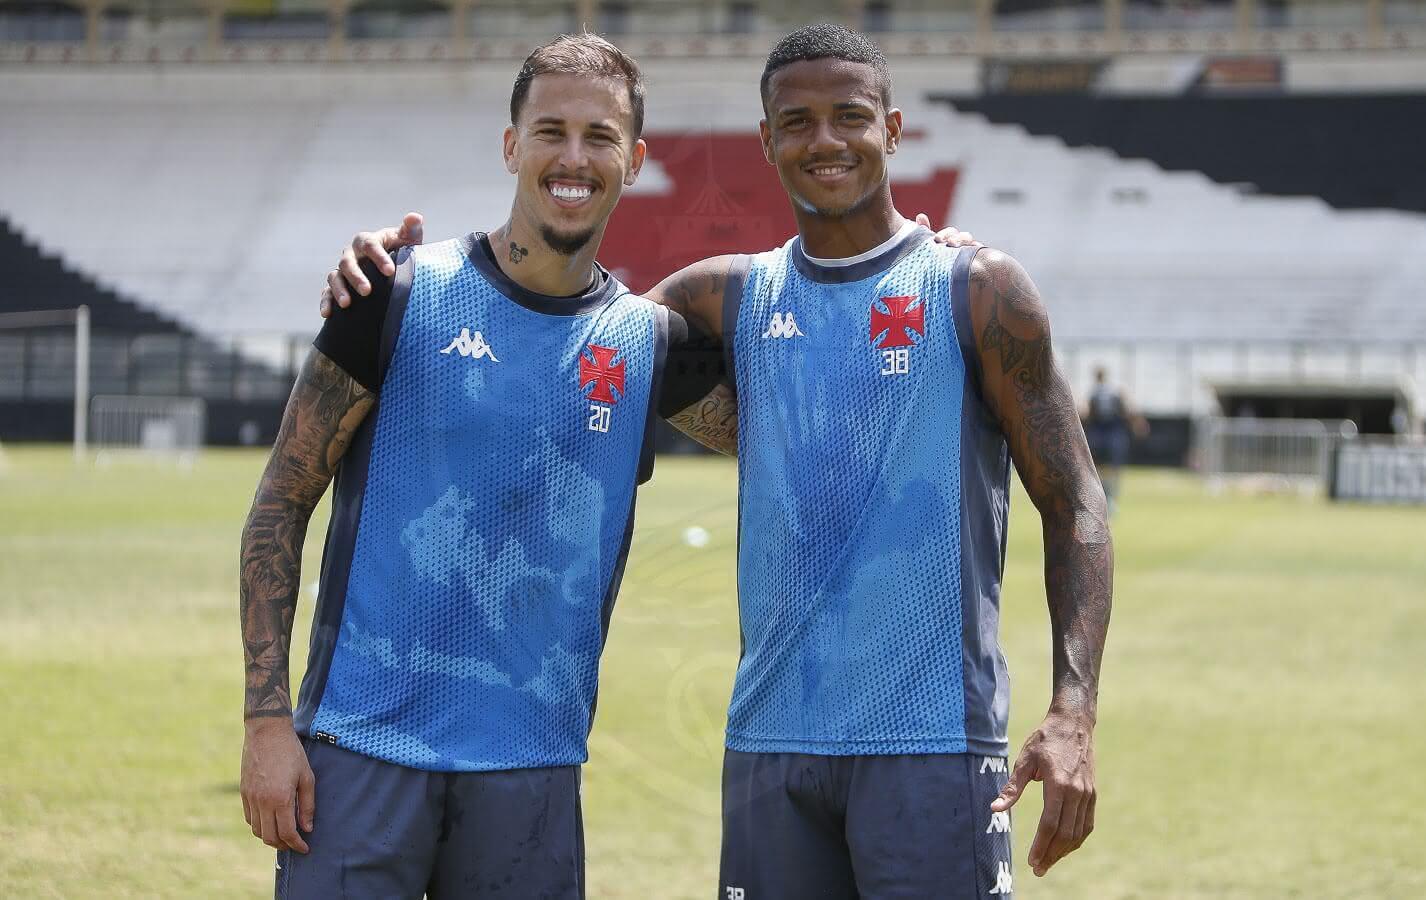 Ygor e Marcos Júnior no treino do Vasco da Gama